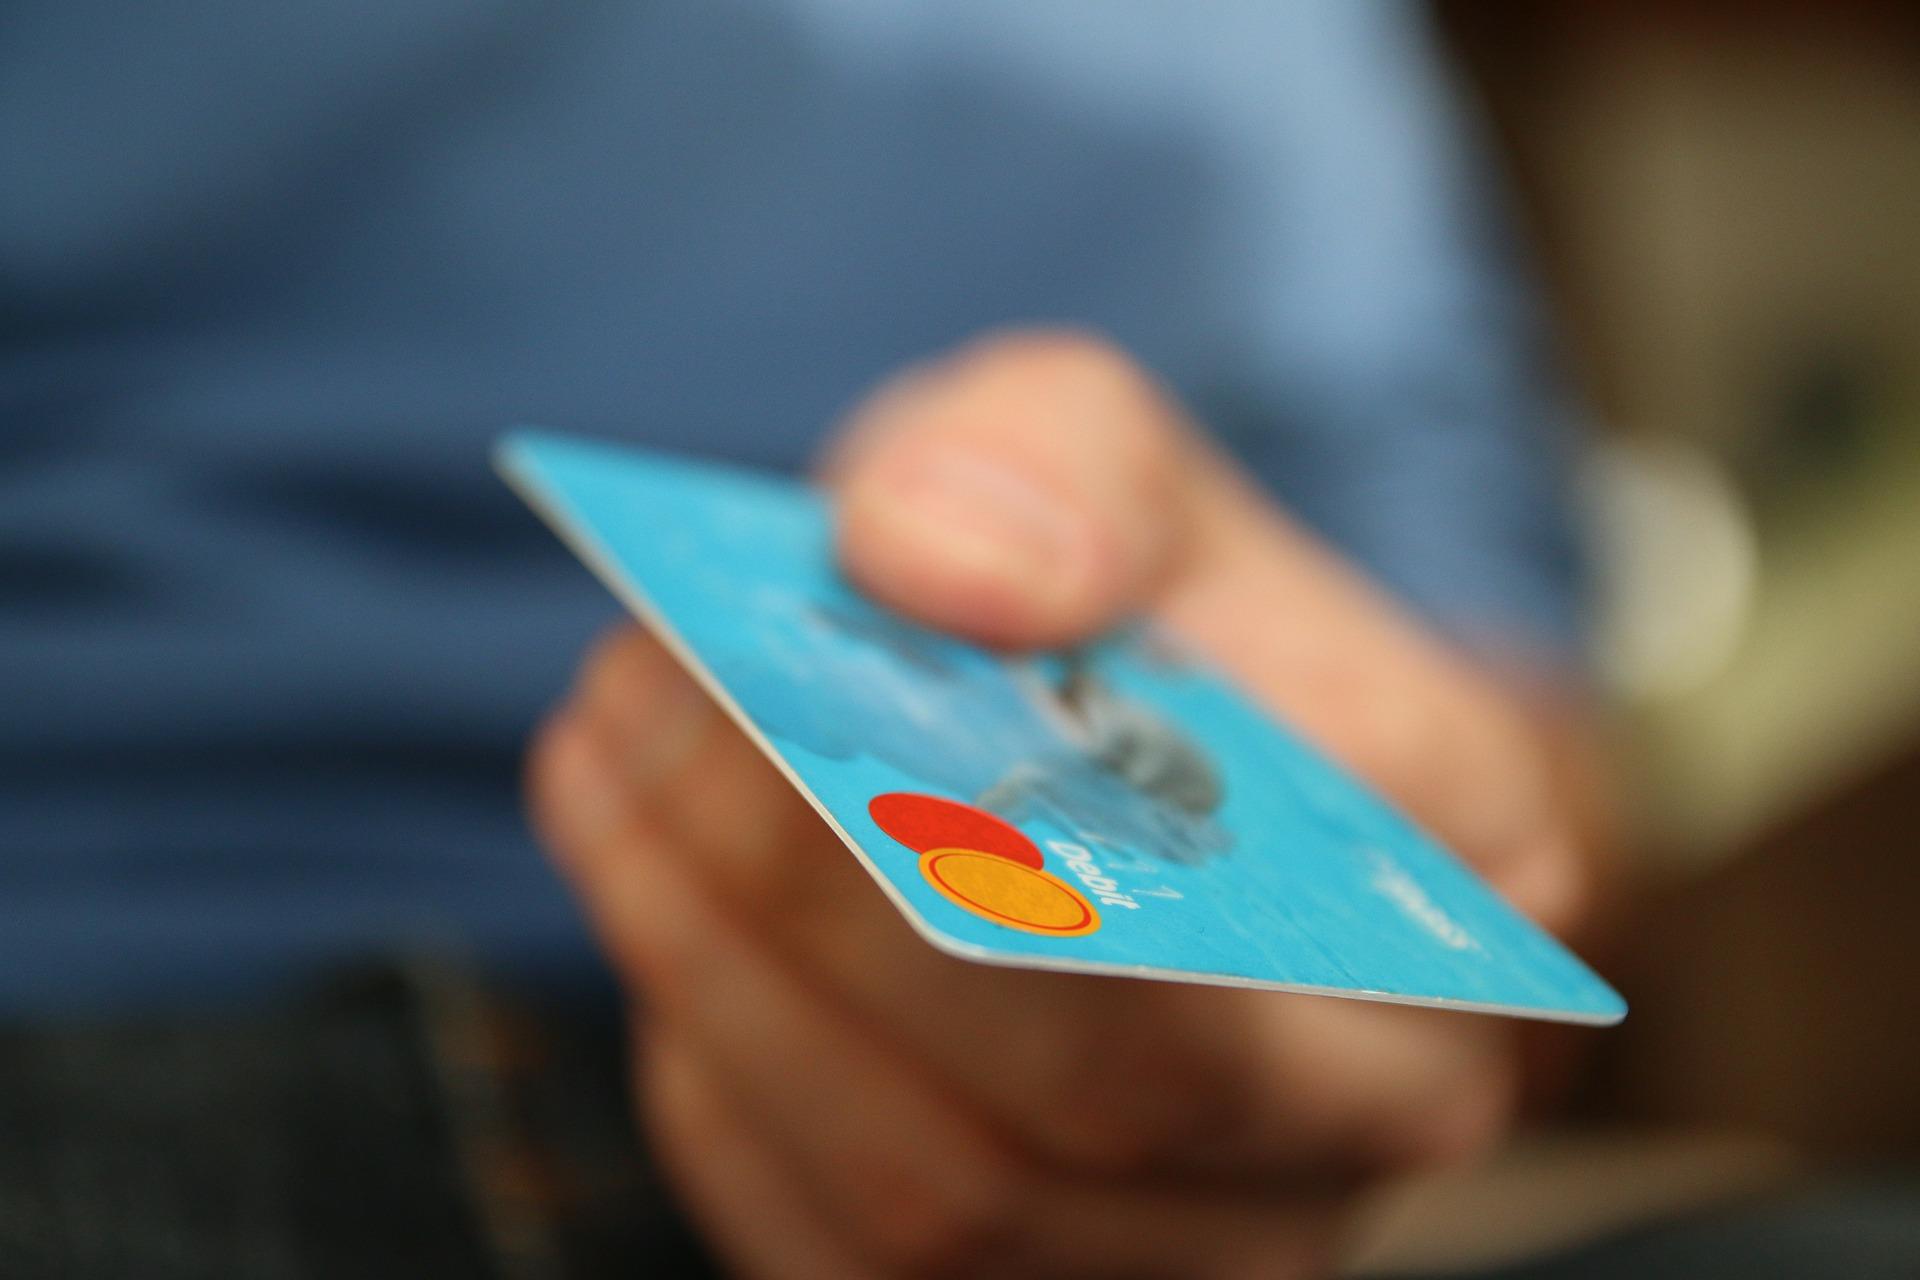 クレジットカードの過払い金請求